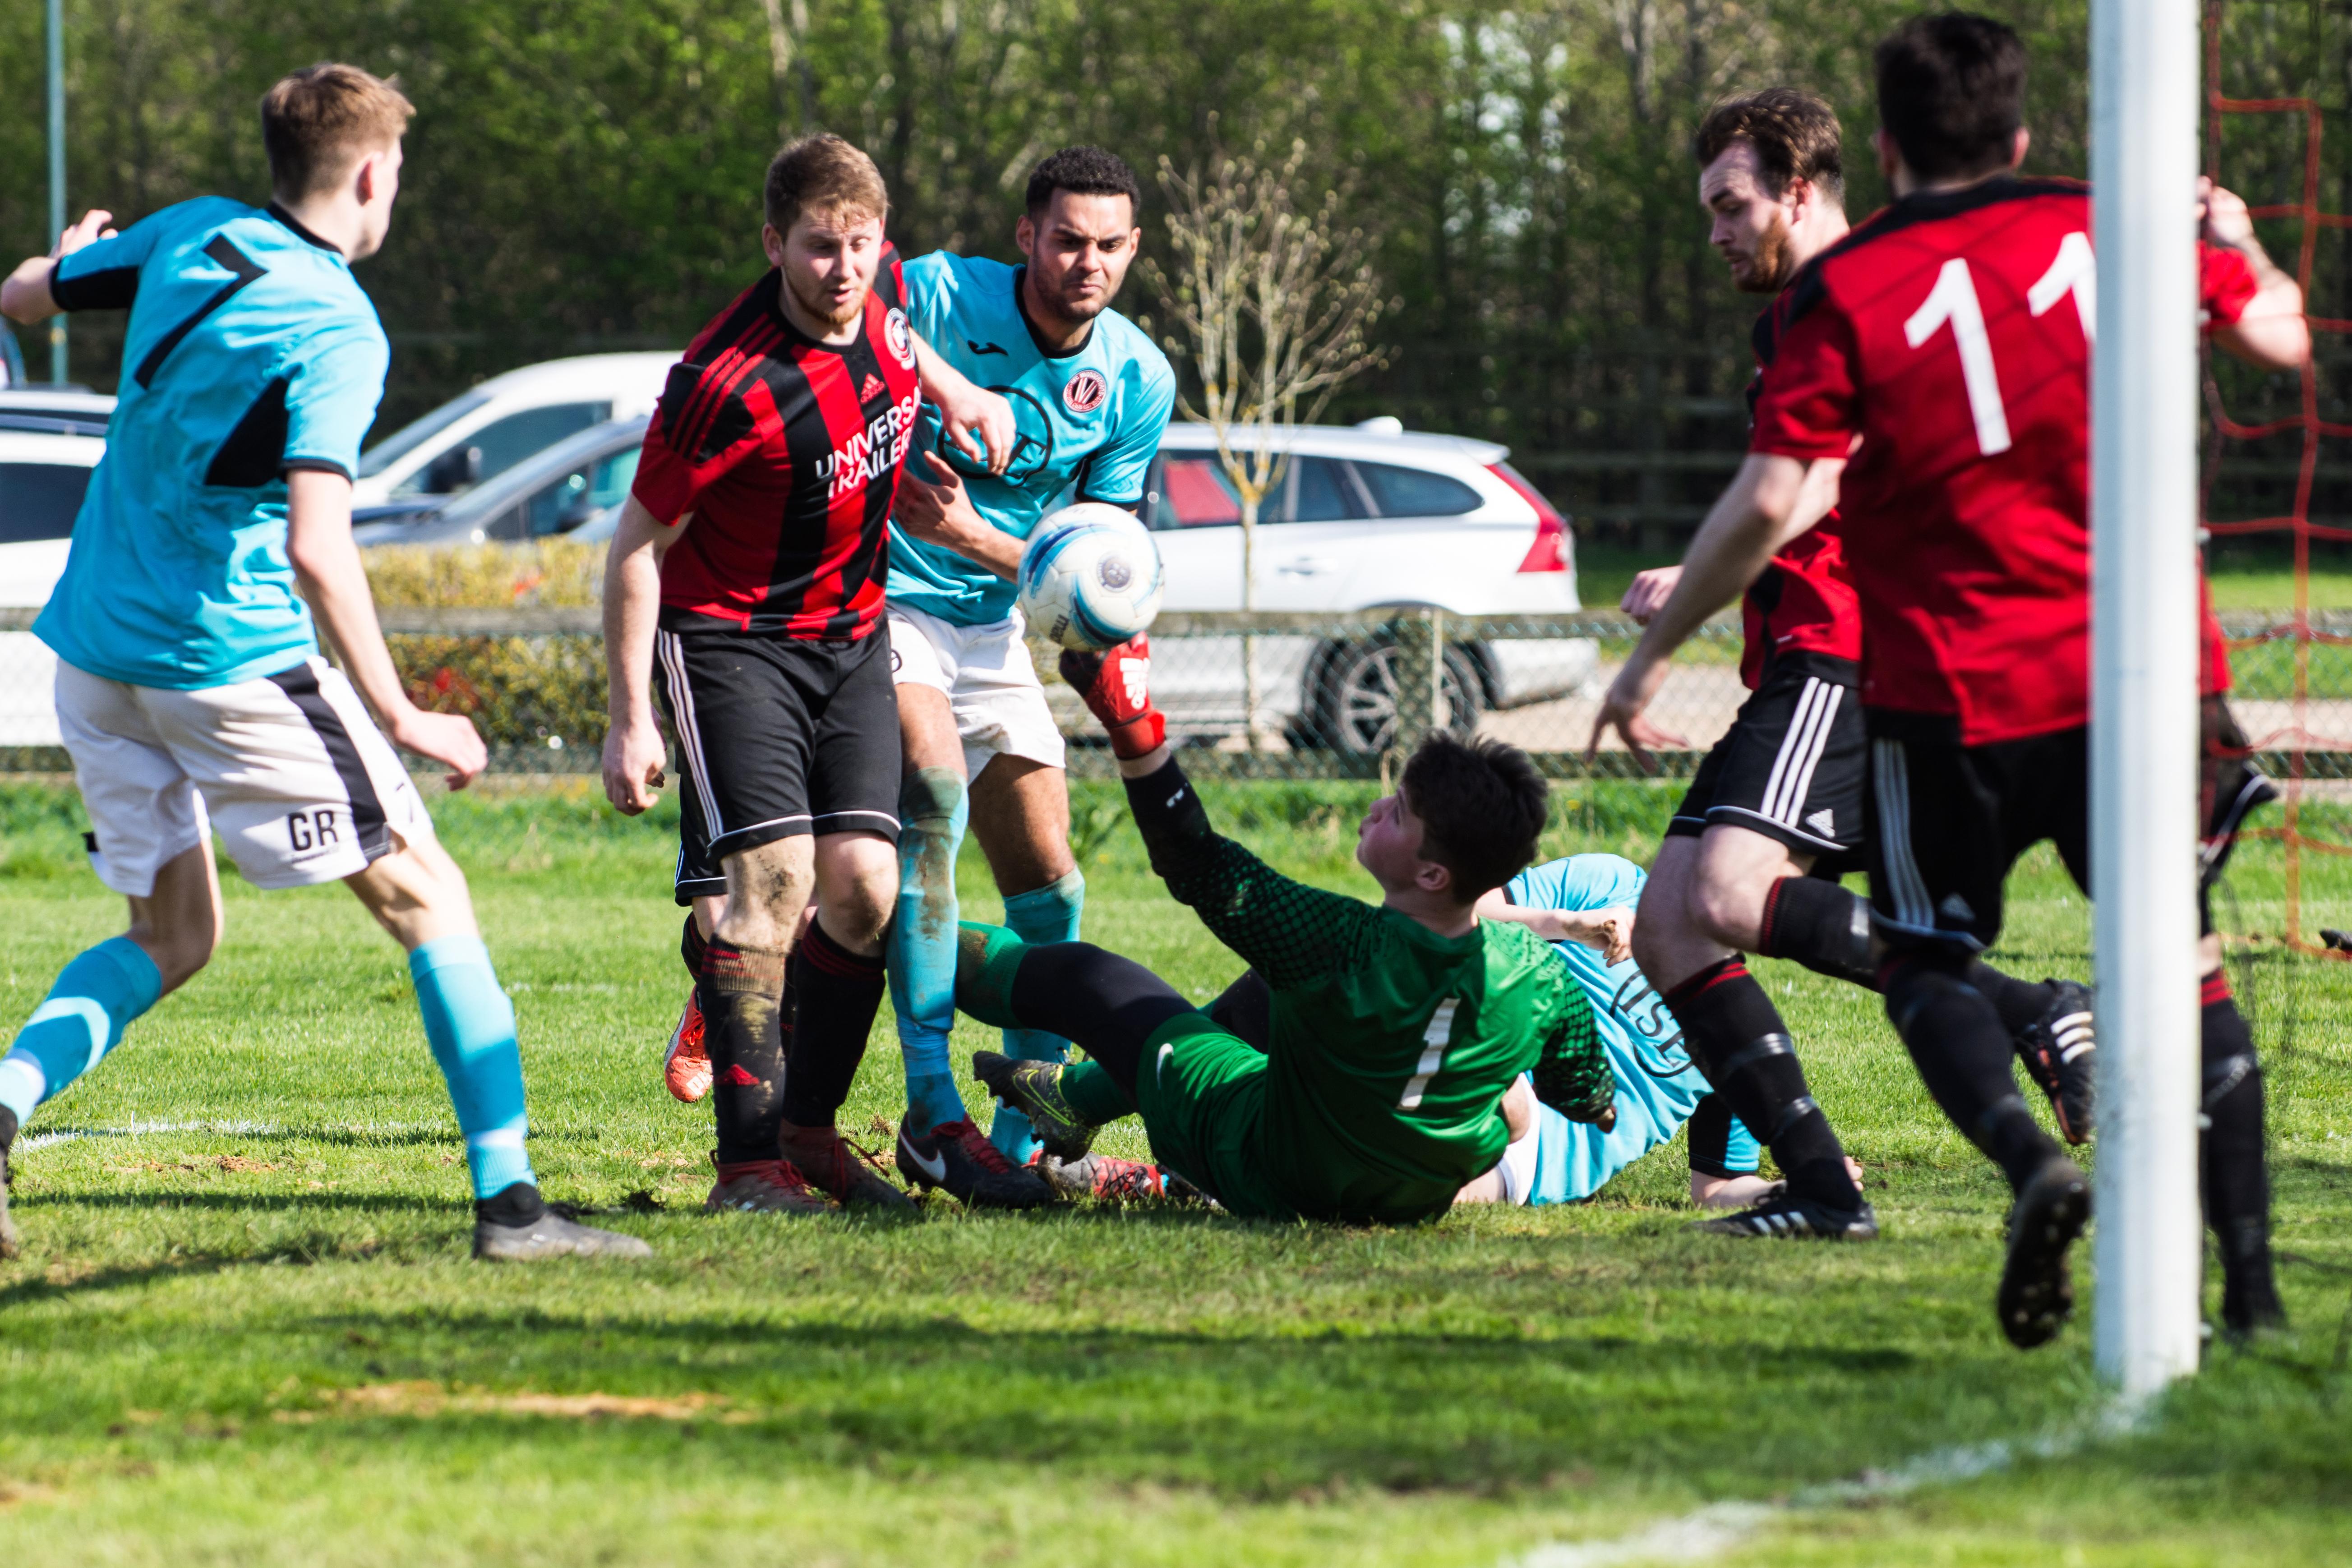 DAVID_JEFFERY Billingshurst FC vs AFC Varndeanians 14.04.18 71